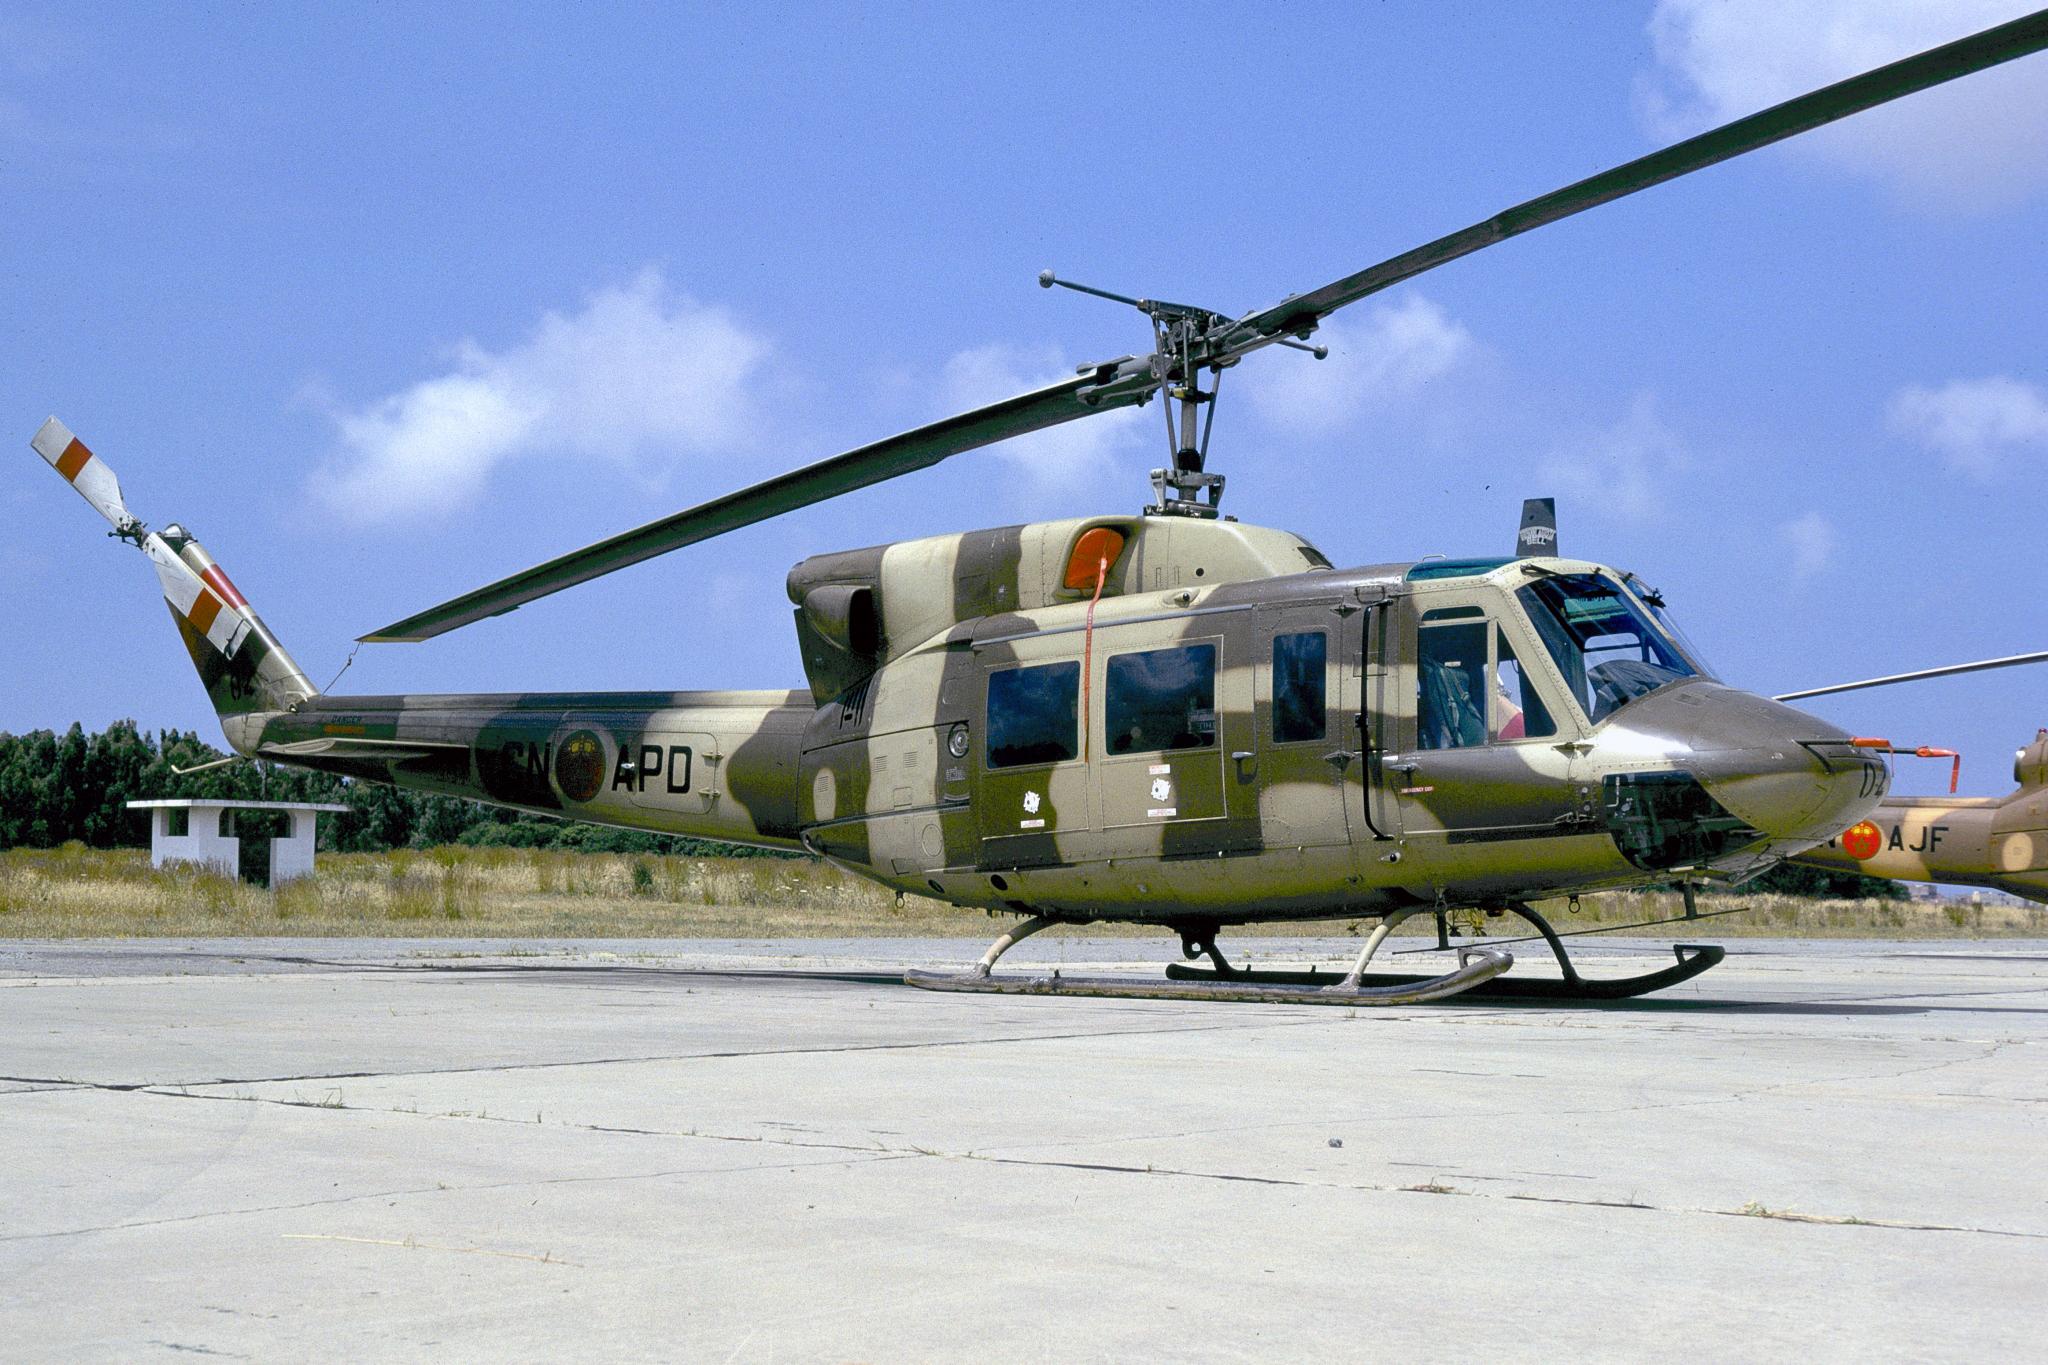 القوات الجوية الملكية المغربية - متجدد - - صفحة 2 160102035605377666